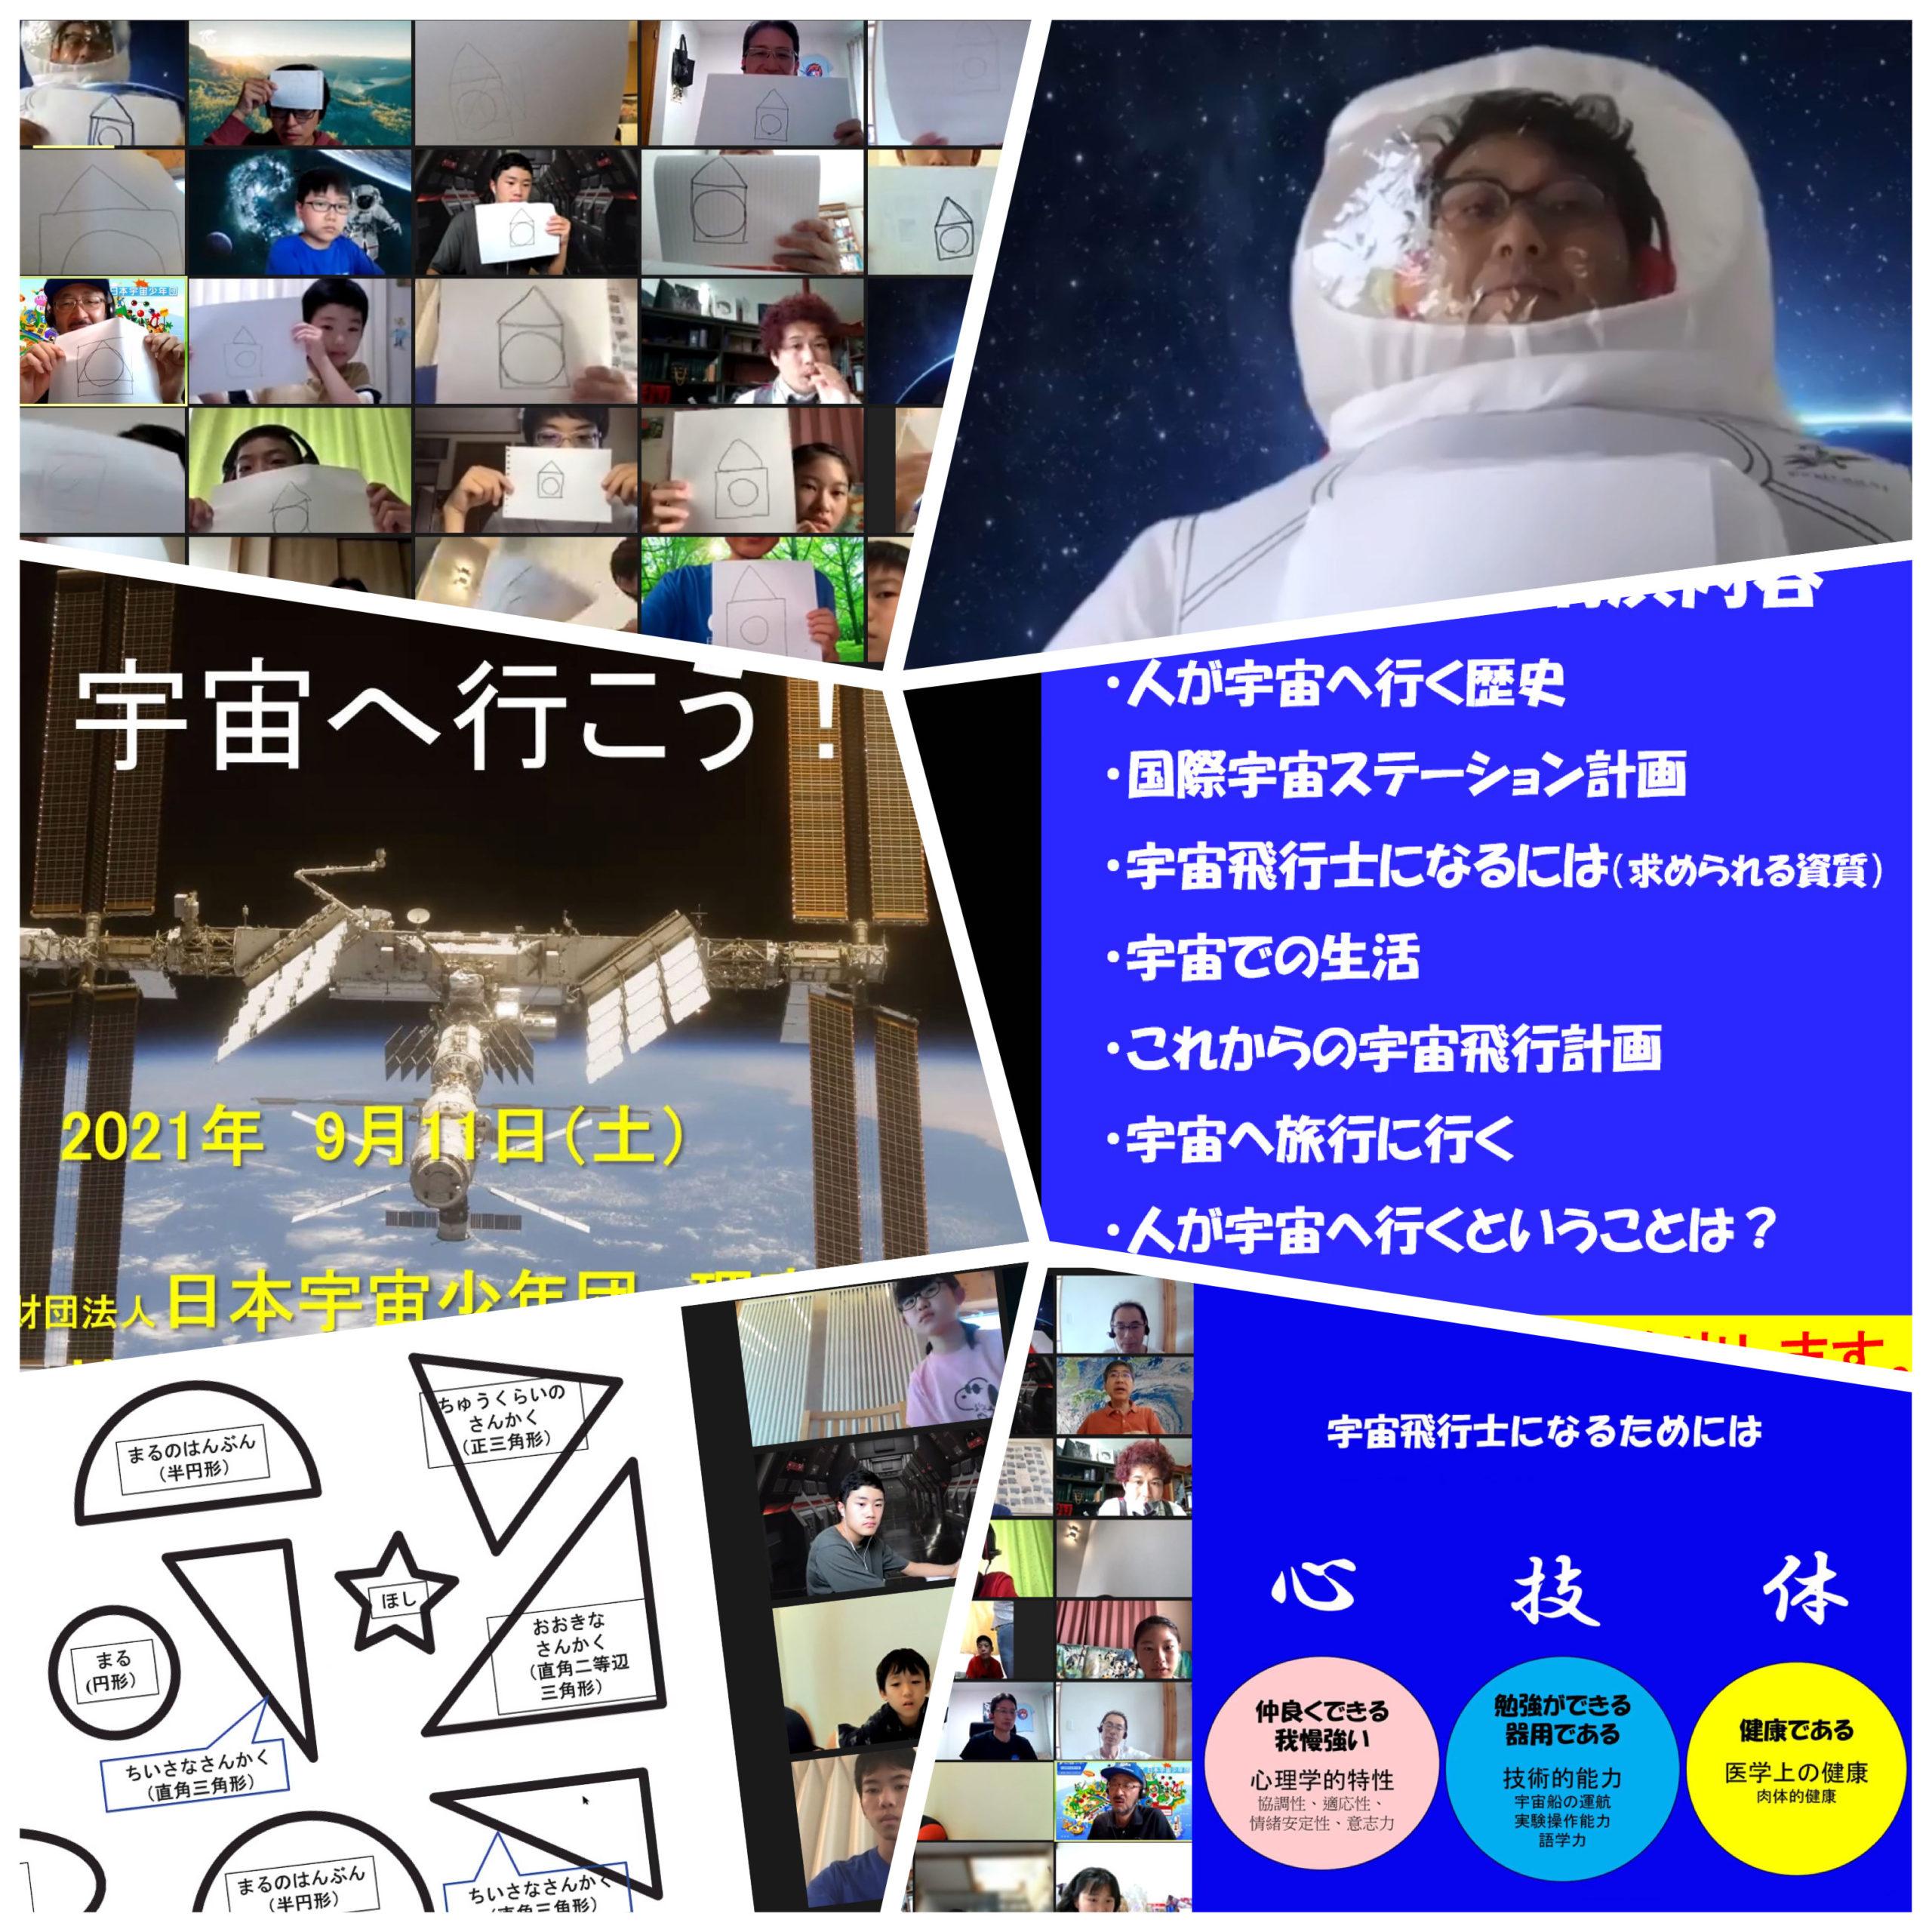 やっくま9月例会!! 宇宙飛行士になろうぜ★〜 Let's become an astronaut〜